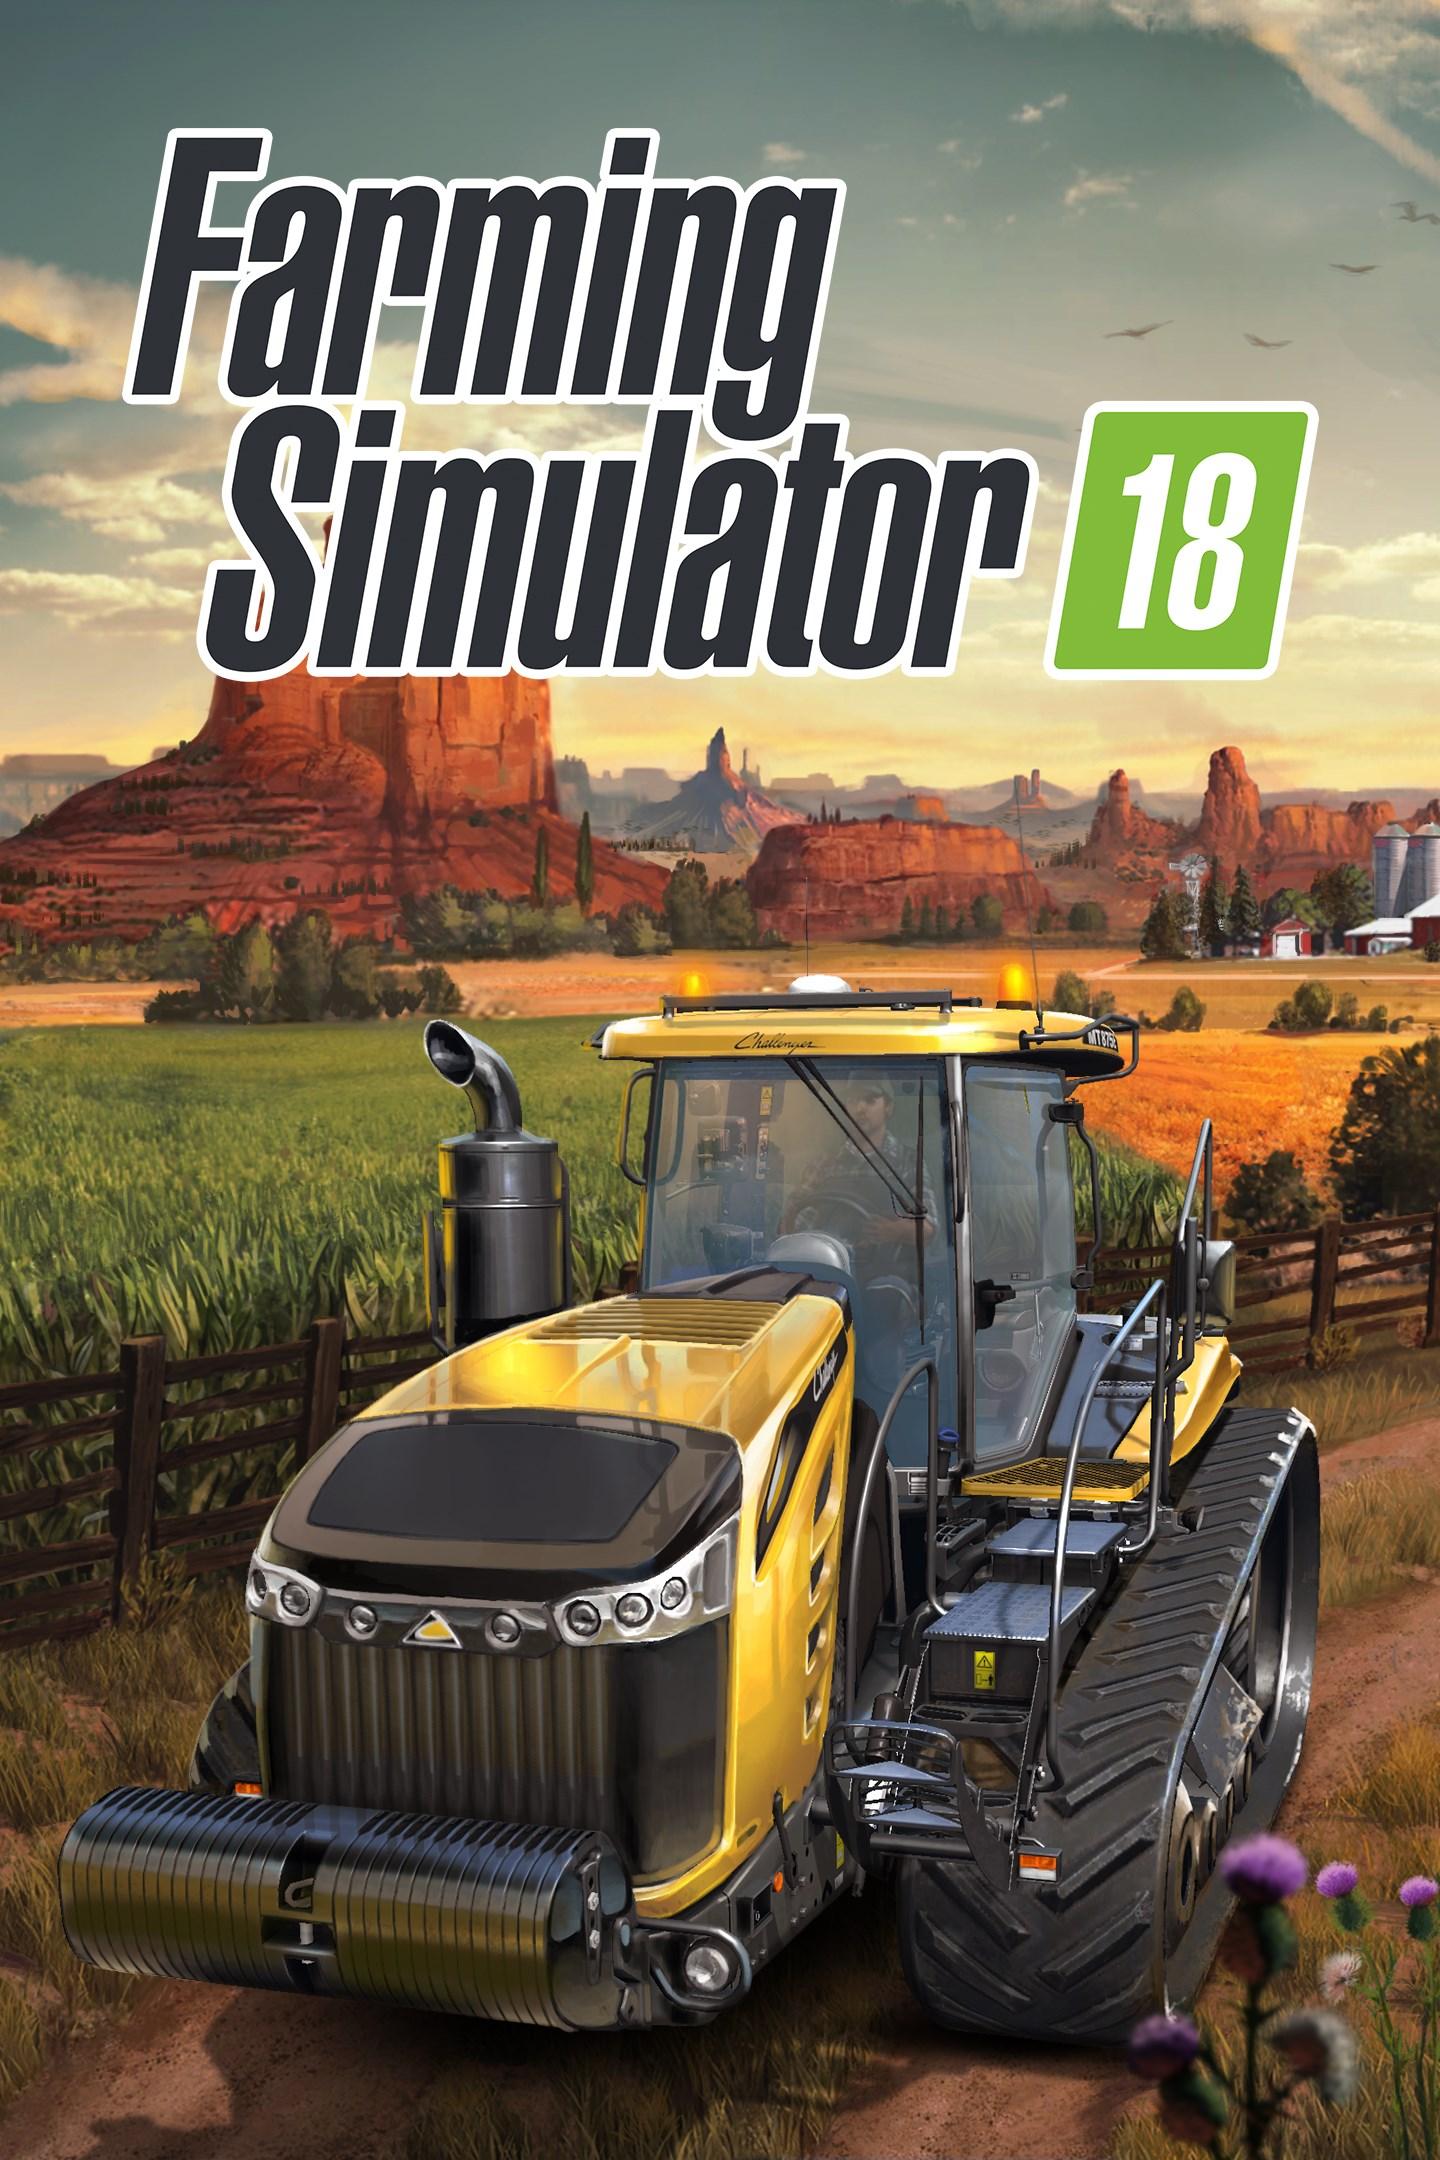 скачать игру ферма симулятор 14 через торрента